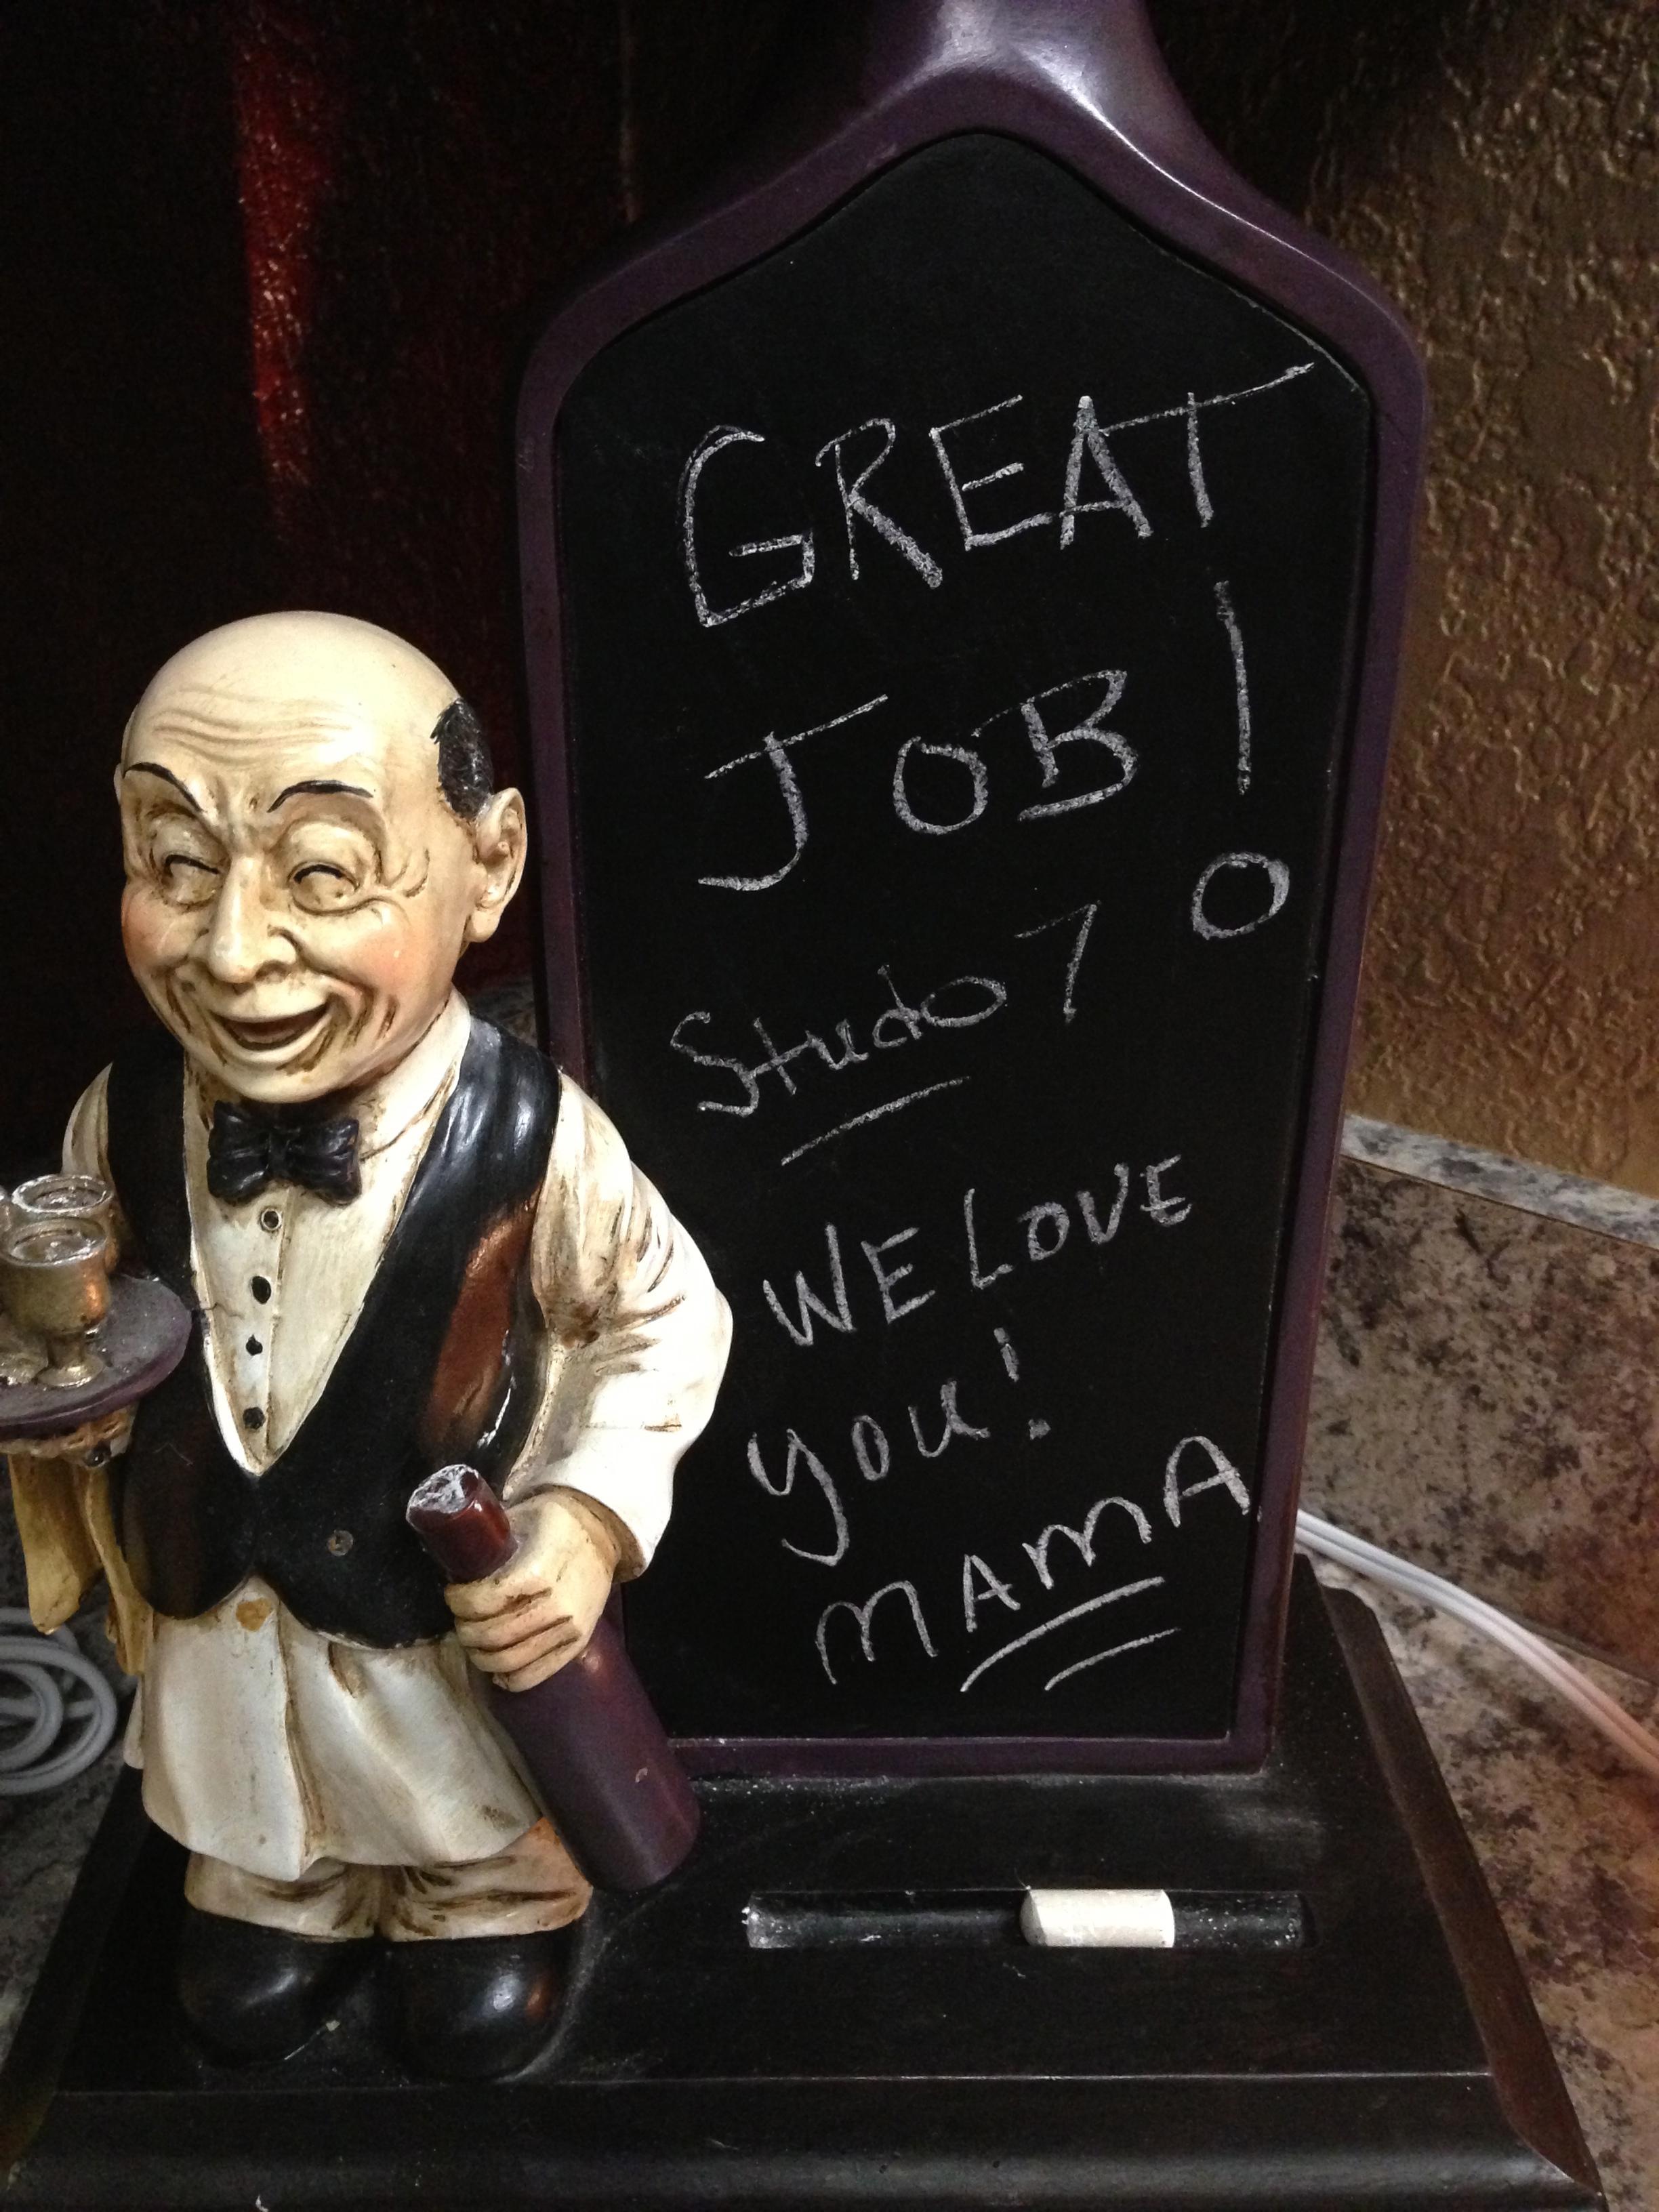 A chalkboard note from Brad & Emmy